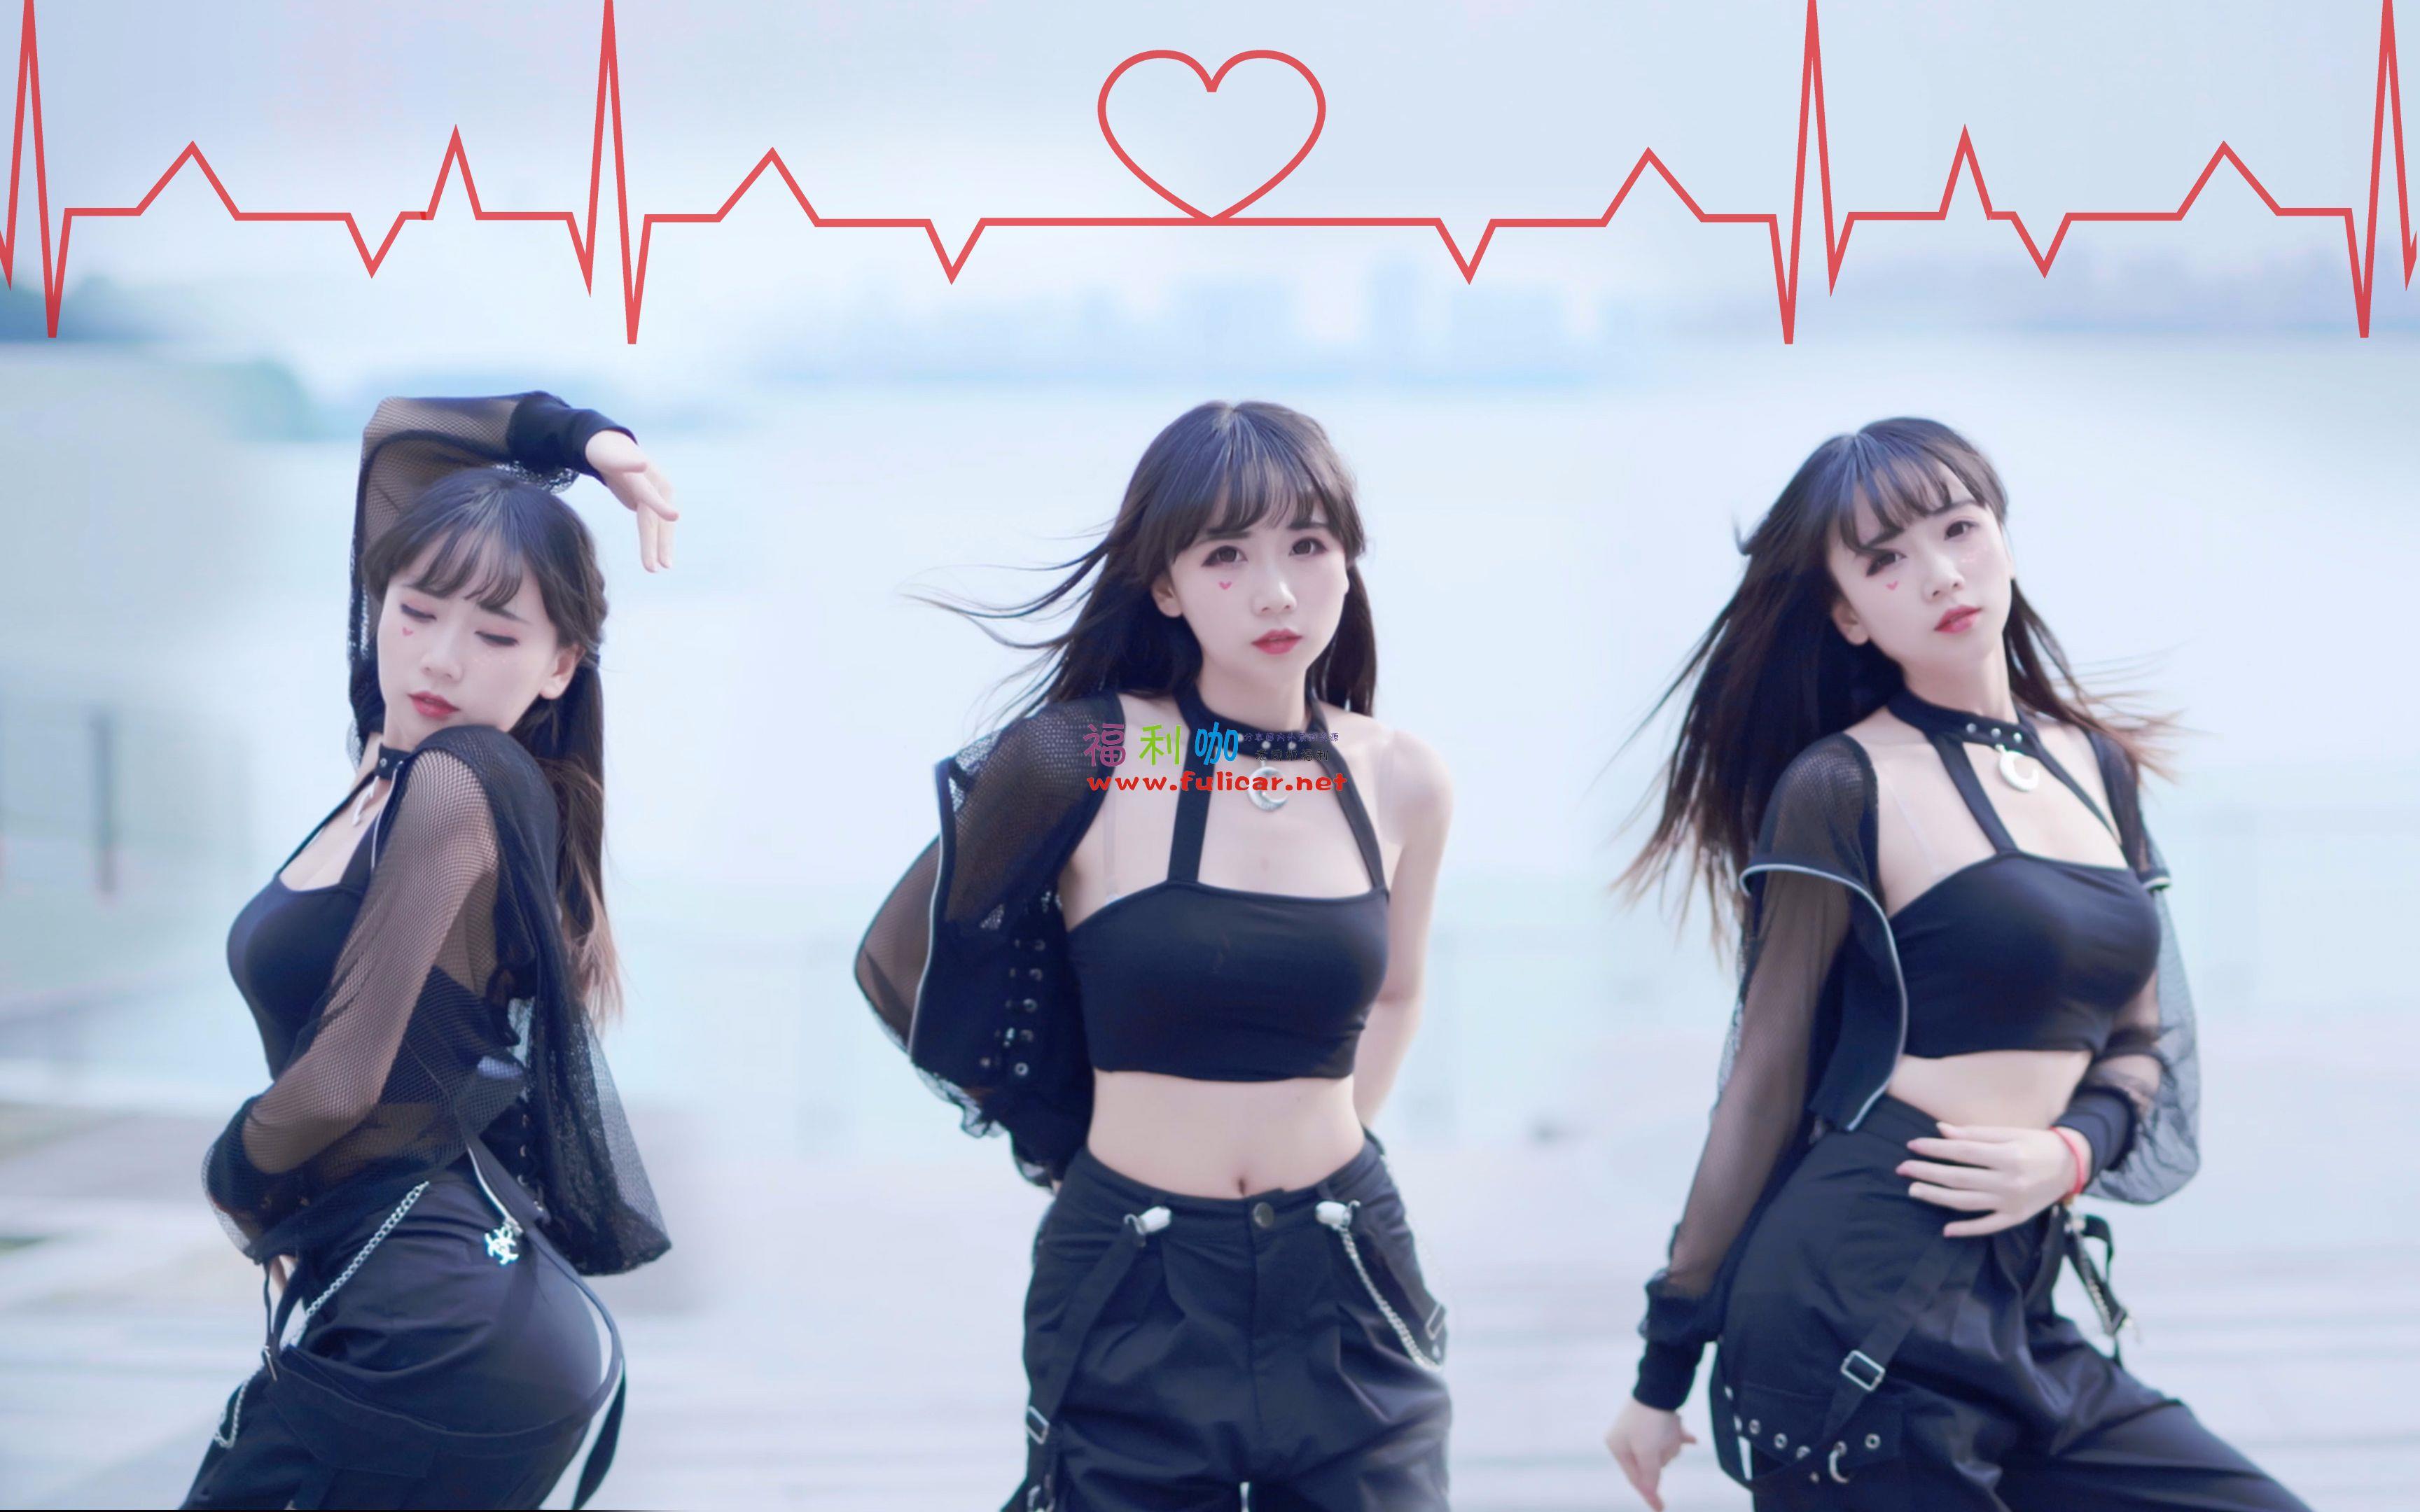 营养跟不上系列,B站一些性感舞蹈的小姐姐们